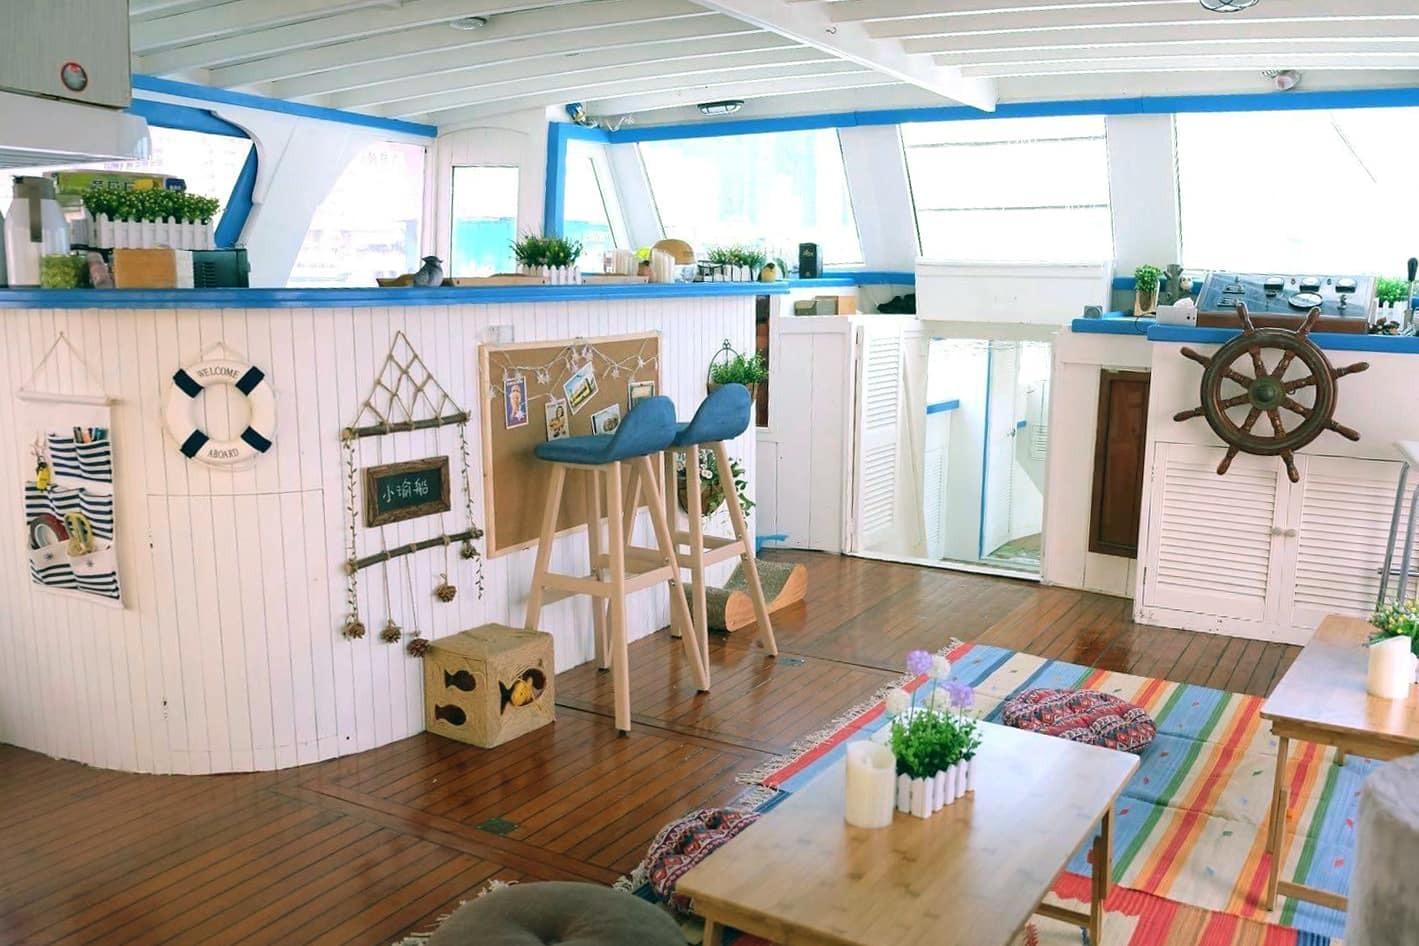 裝修靚遊艇 可過夜多用途遊艇出租推薦 出海、租船、船河公司推介